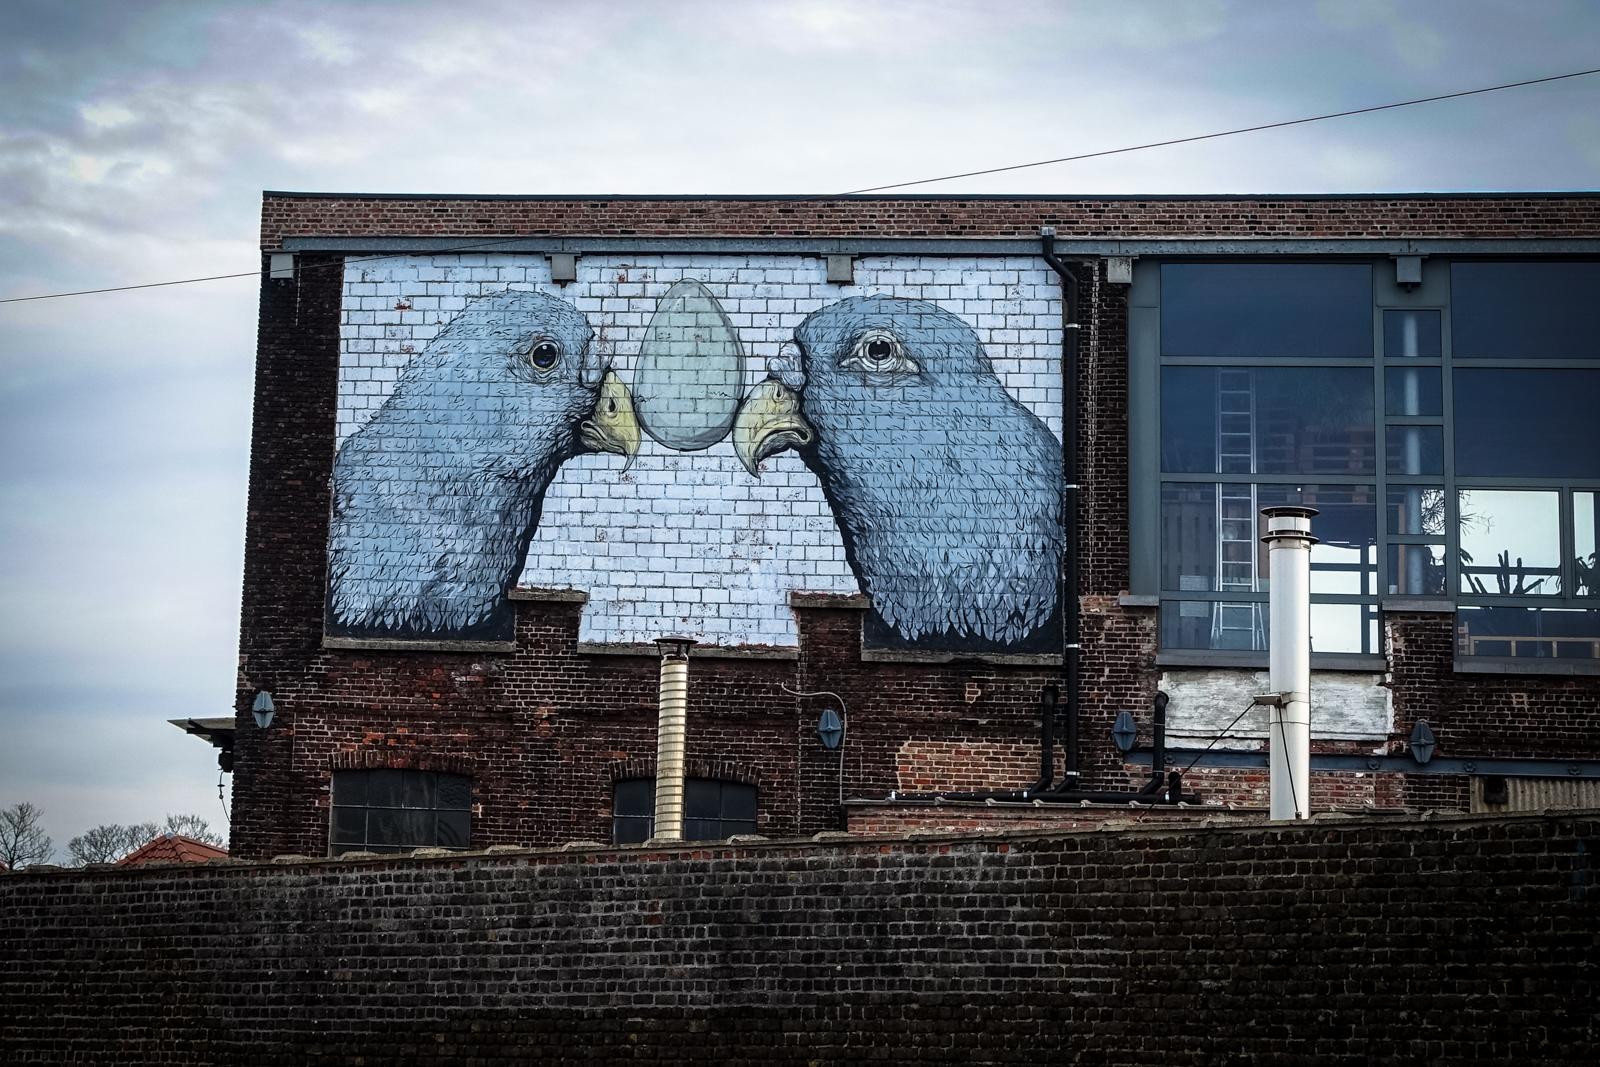 erica il cane mural, ghent – belgium